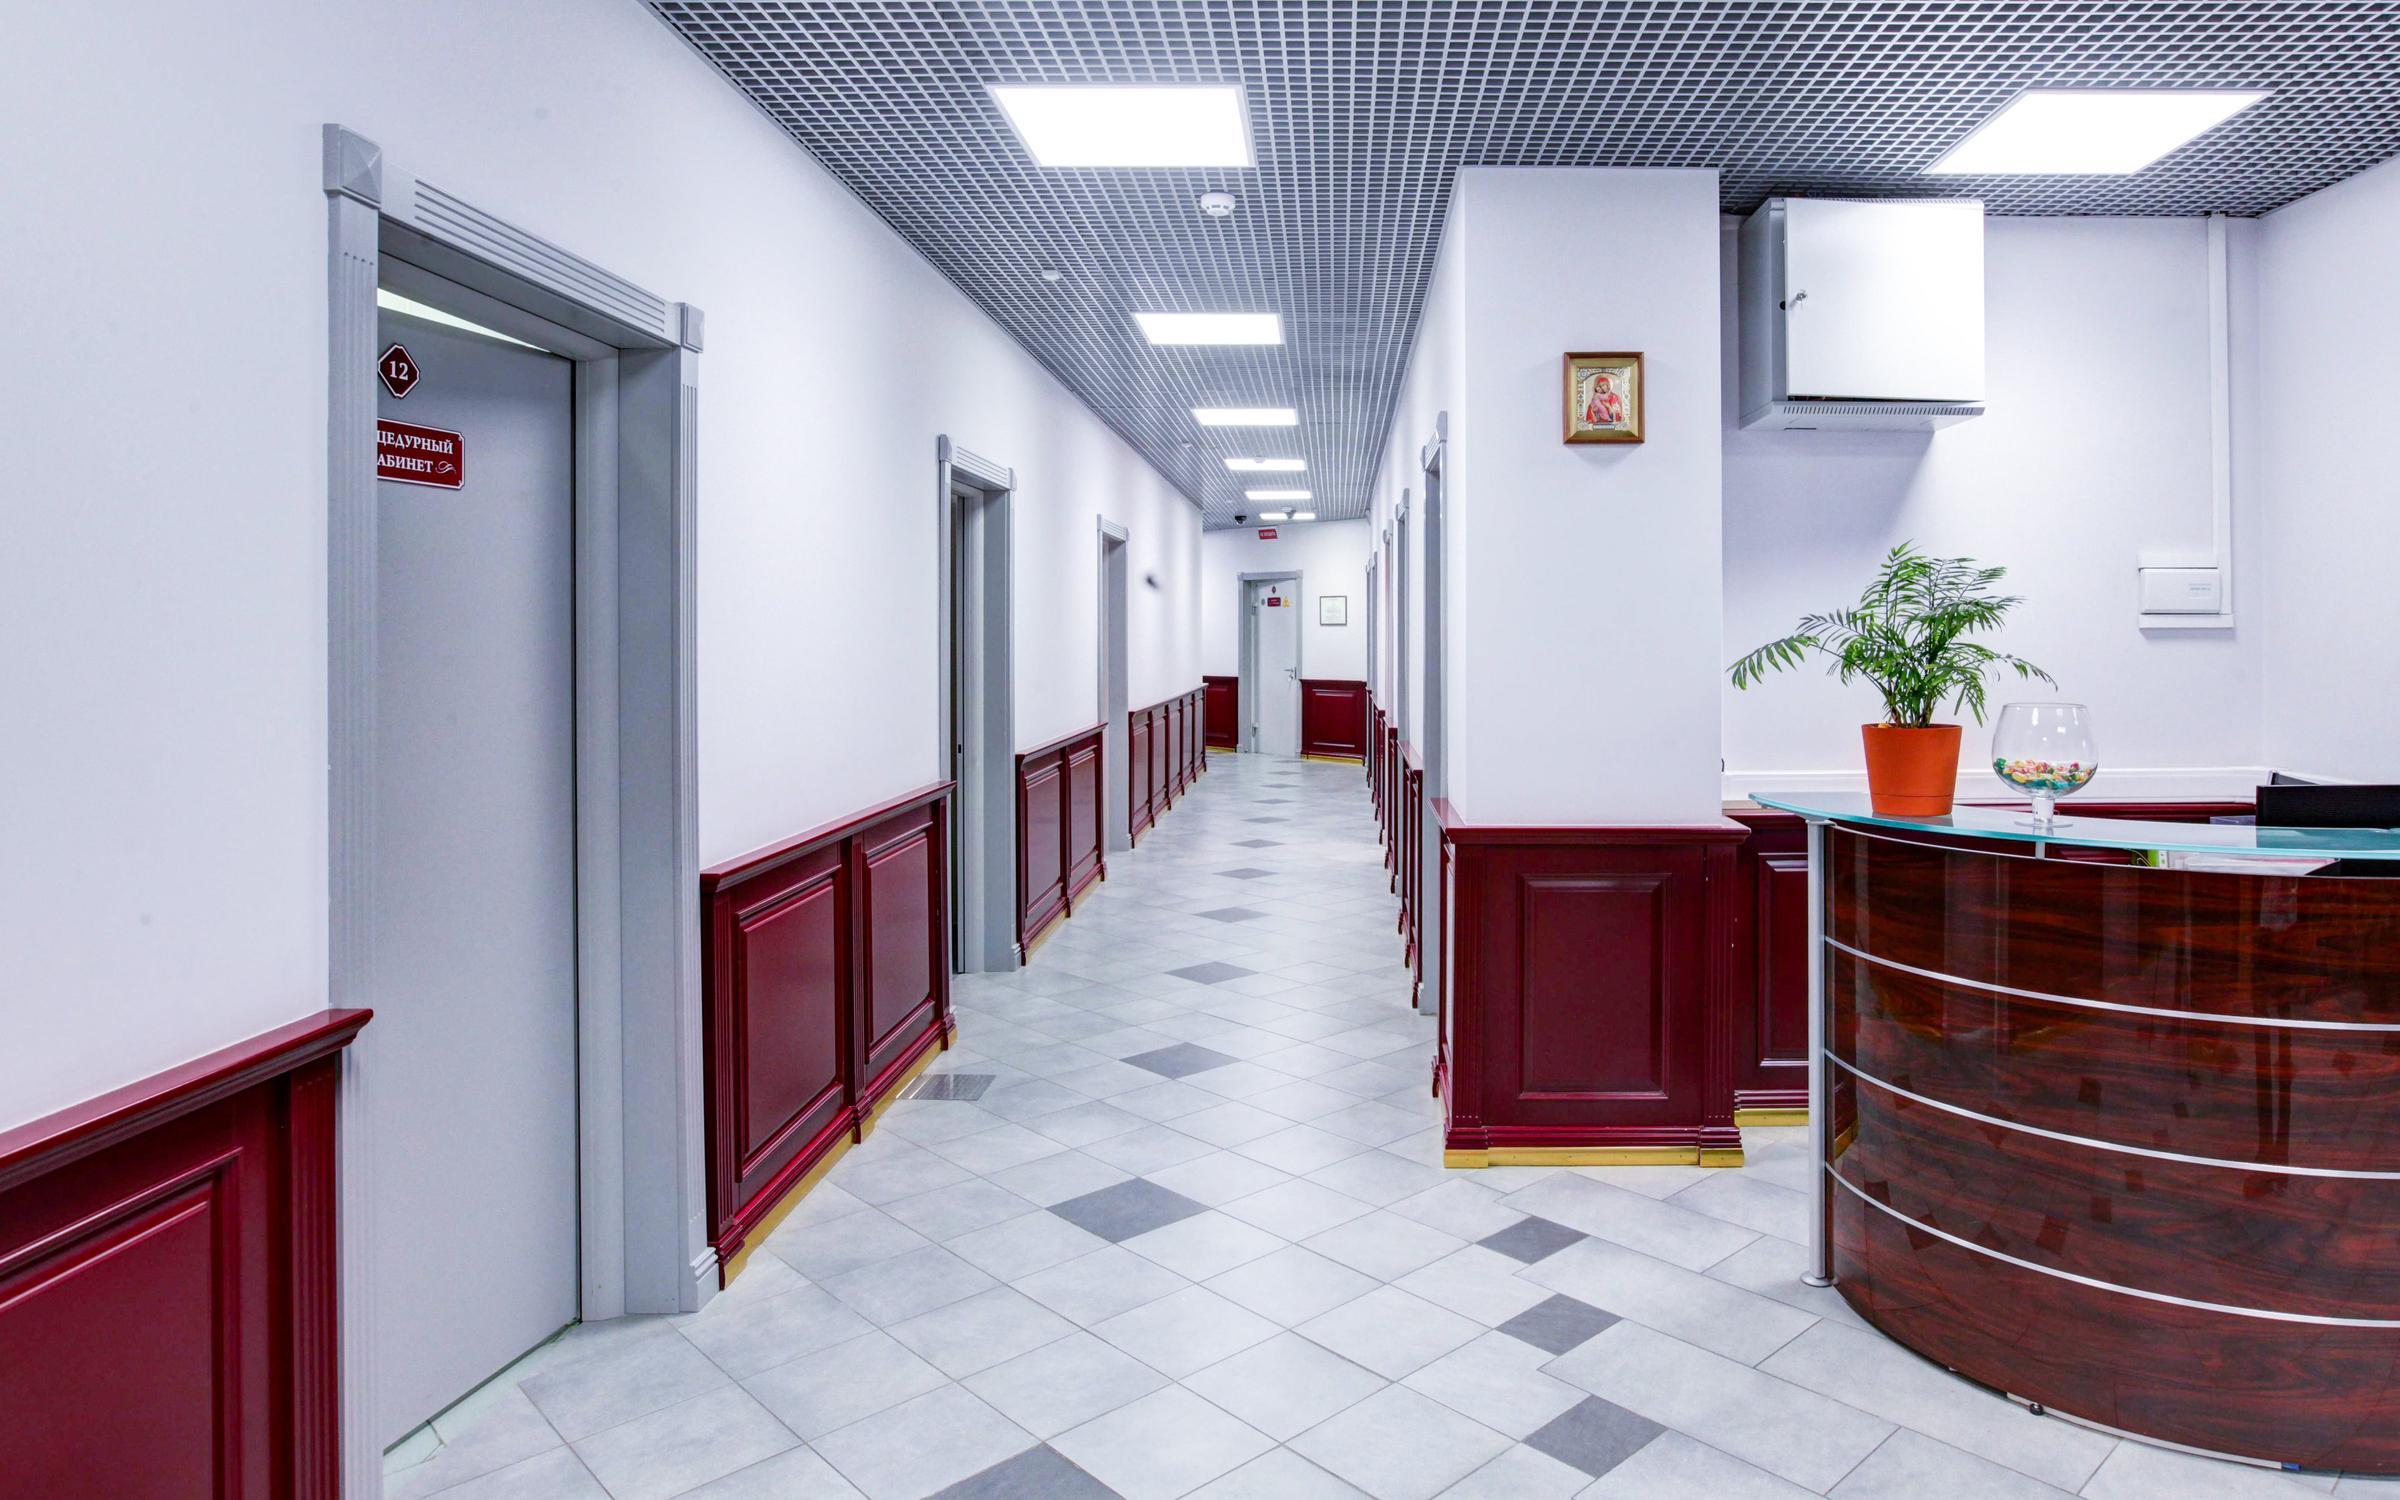 фотография Медицинского центра Алина на Октябрьской улице в Железнодорожном